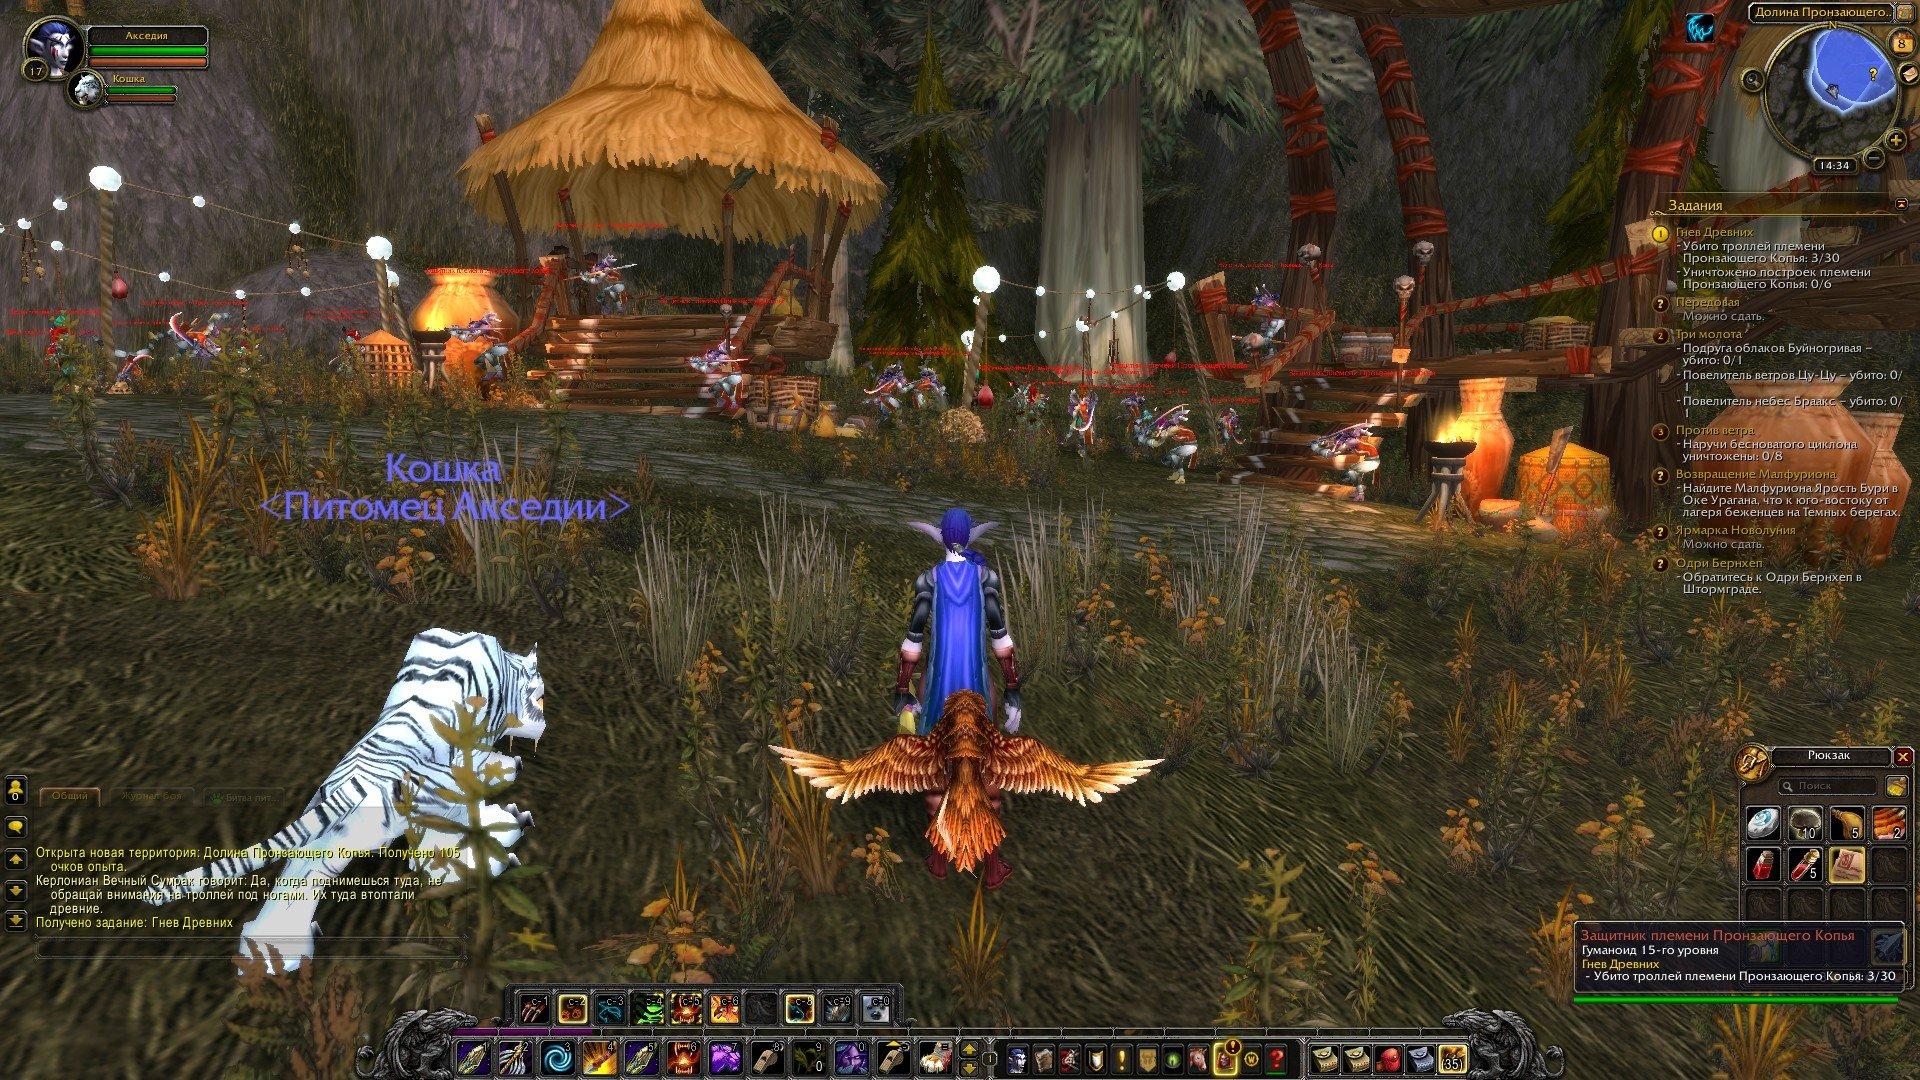 Путешествие по World of Warcraft ... Ночной Эльф. Глава 2. - Изображение 5